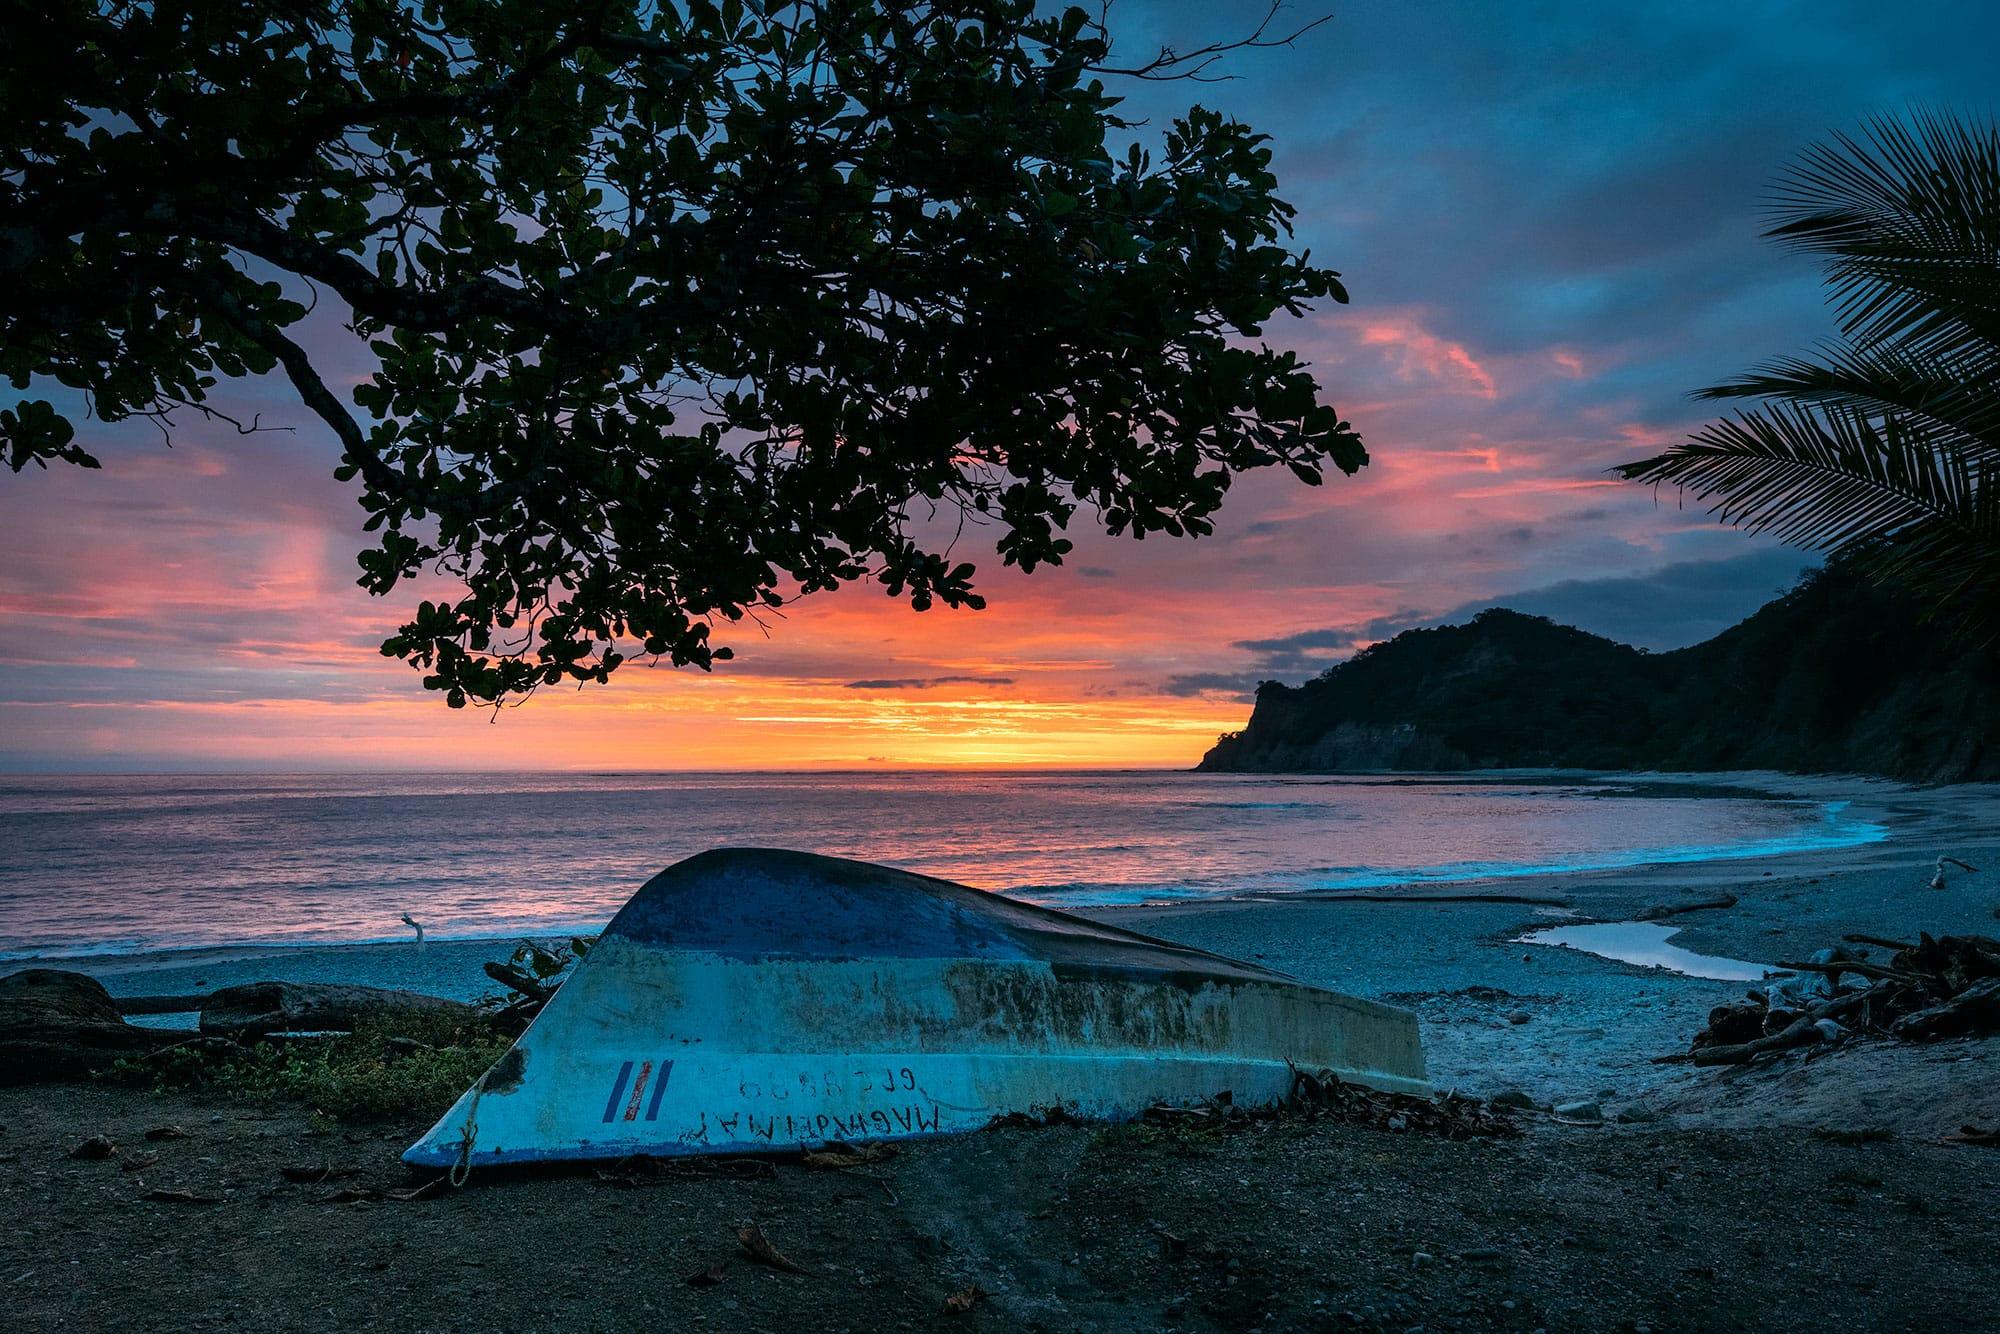 哥斯达黎加的史诗摄影。幸福生活之美